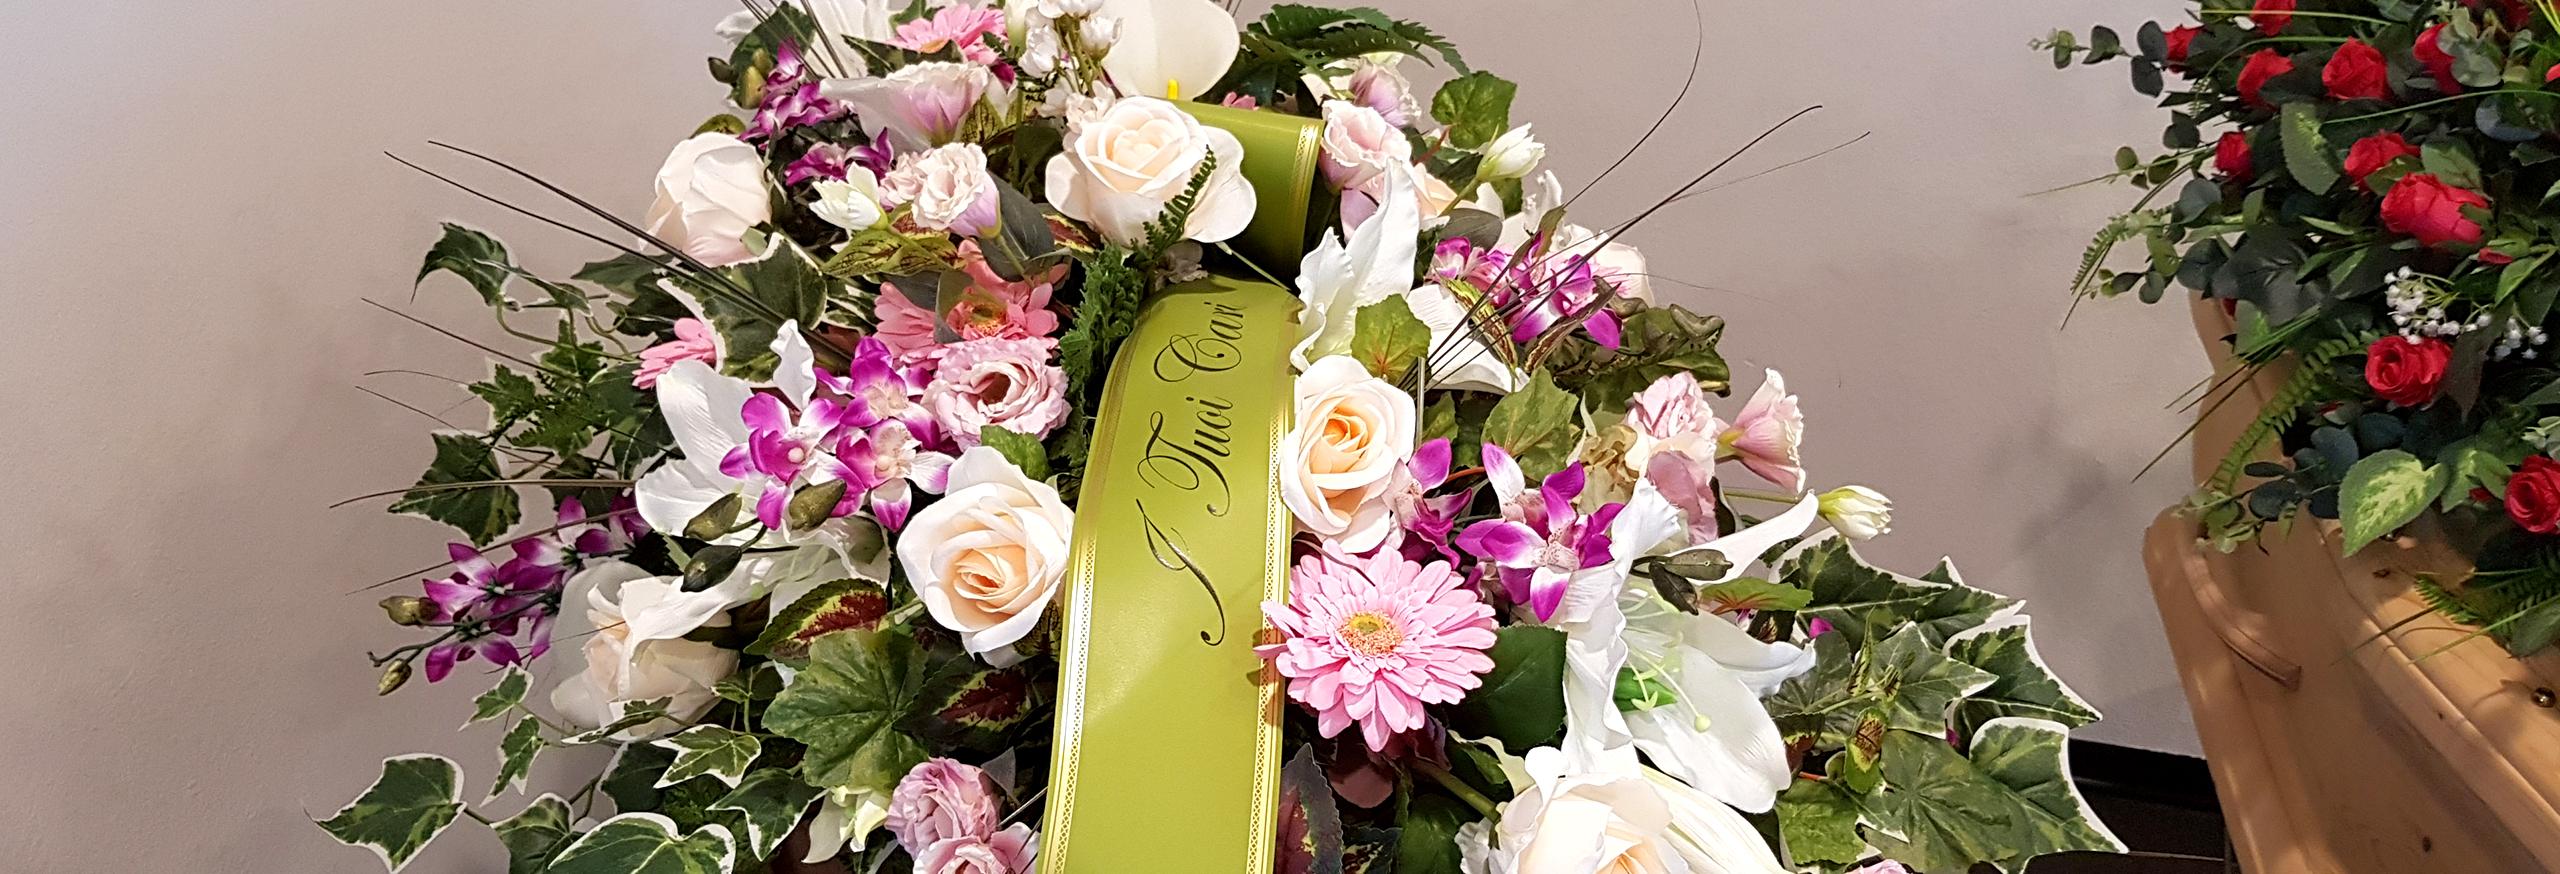 decorazioni floreali funebri bologna